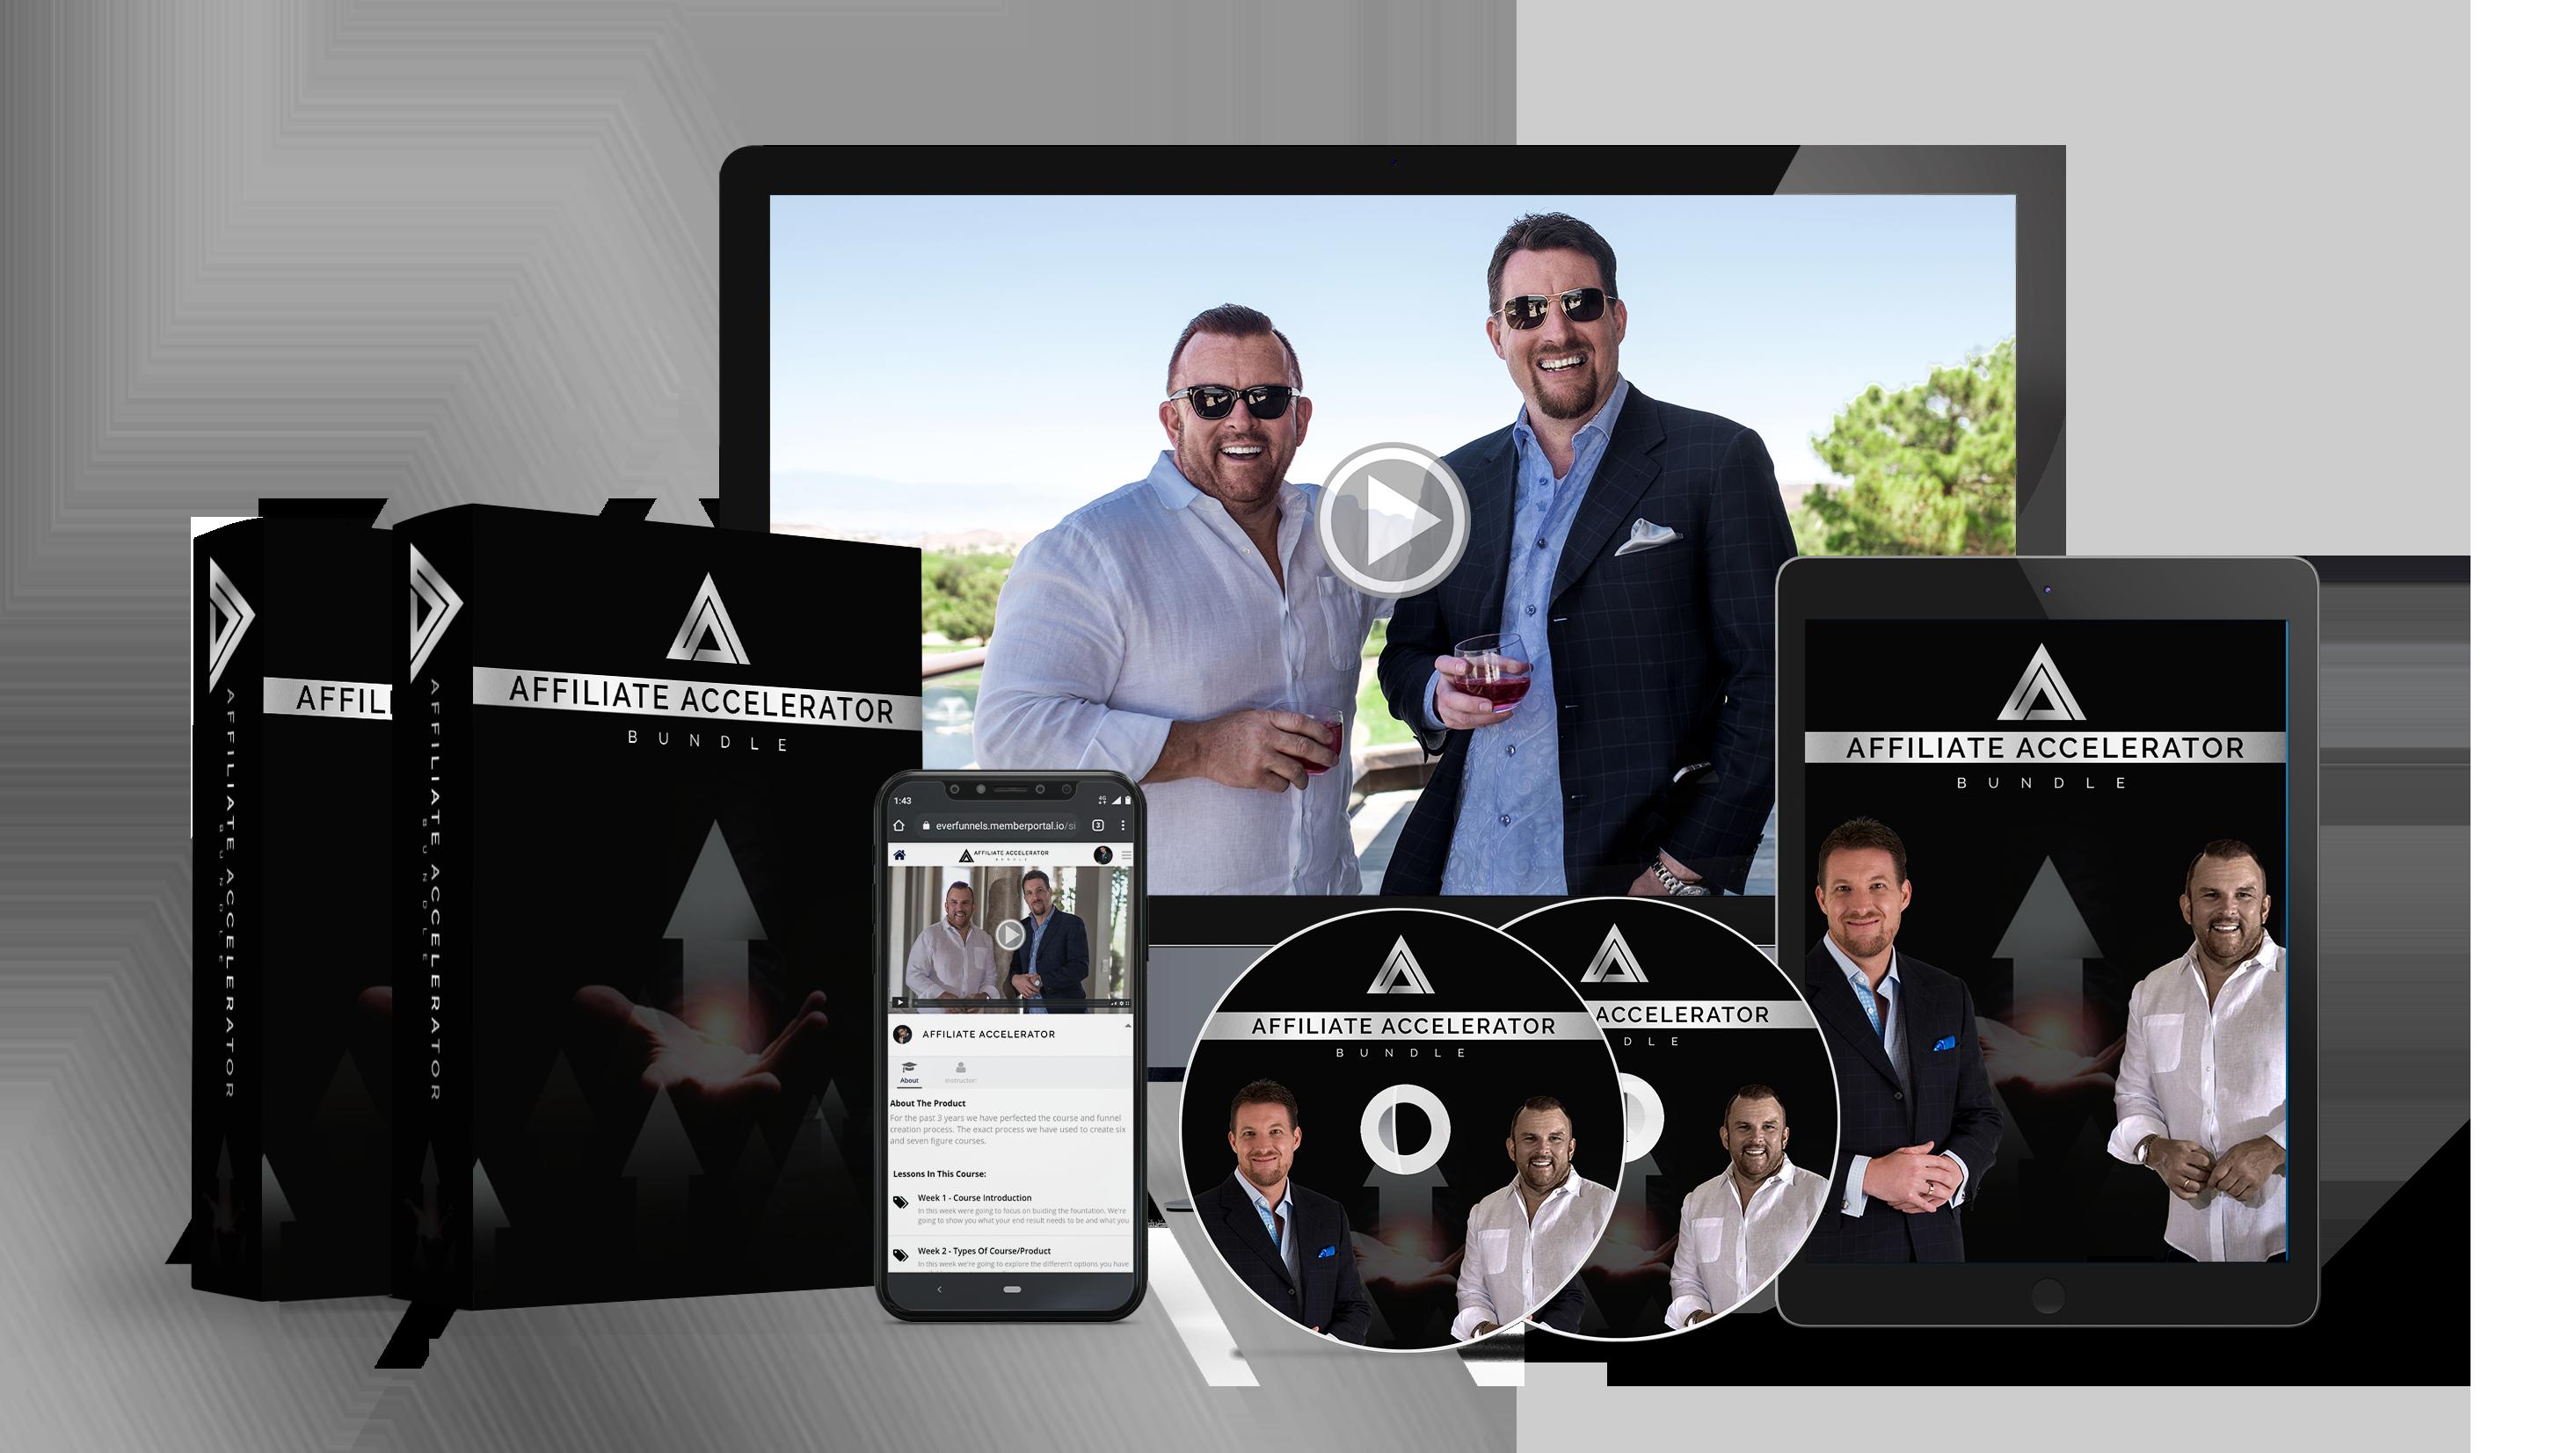 Le programme gratuit Affiliate Accelerator vous permet d'apprendre toutes les ficelles du métier du marketing d'affiliation par deux parmi les meilleurs spécialistes du genre sur la planète